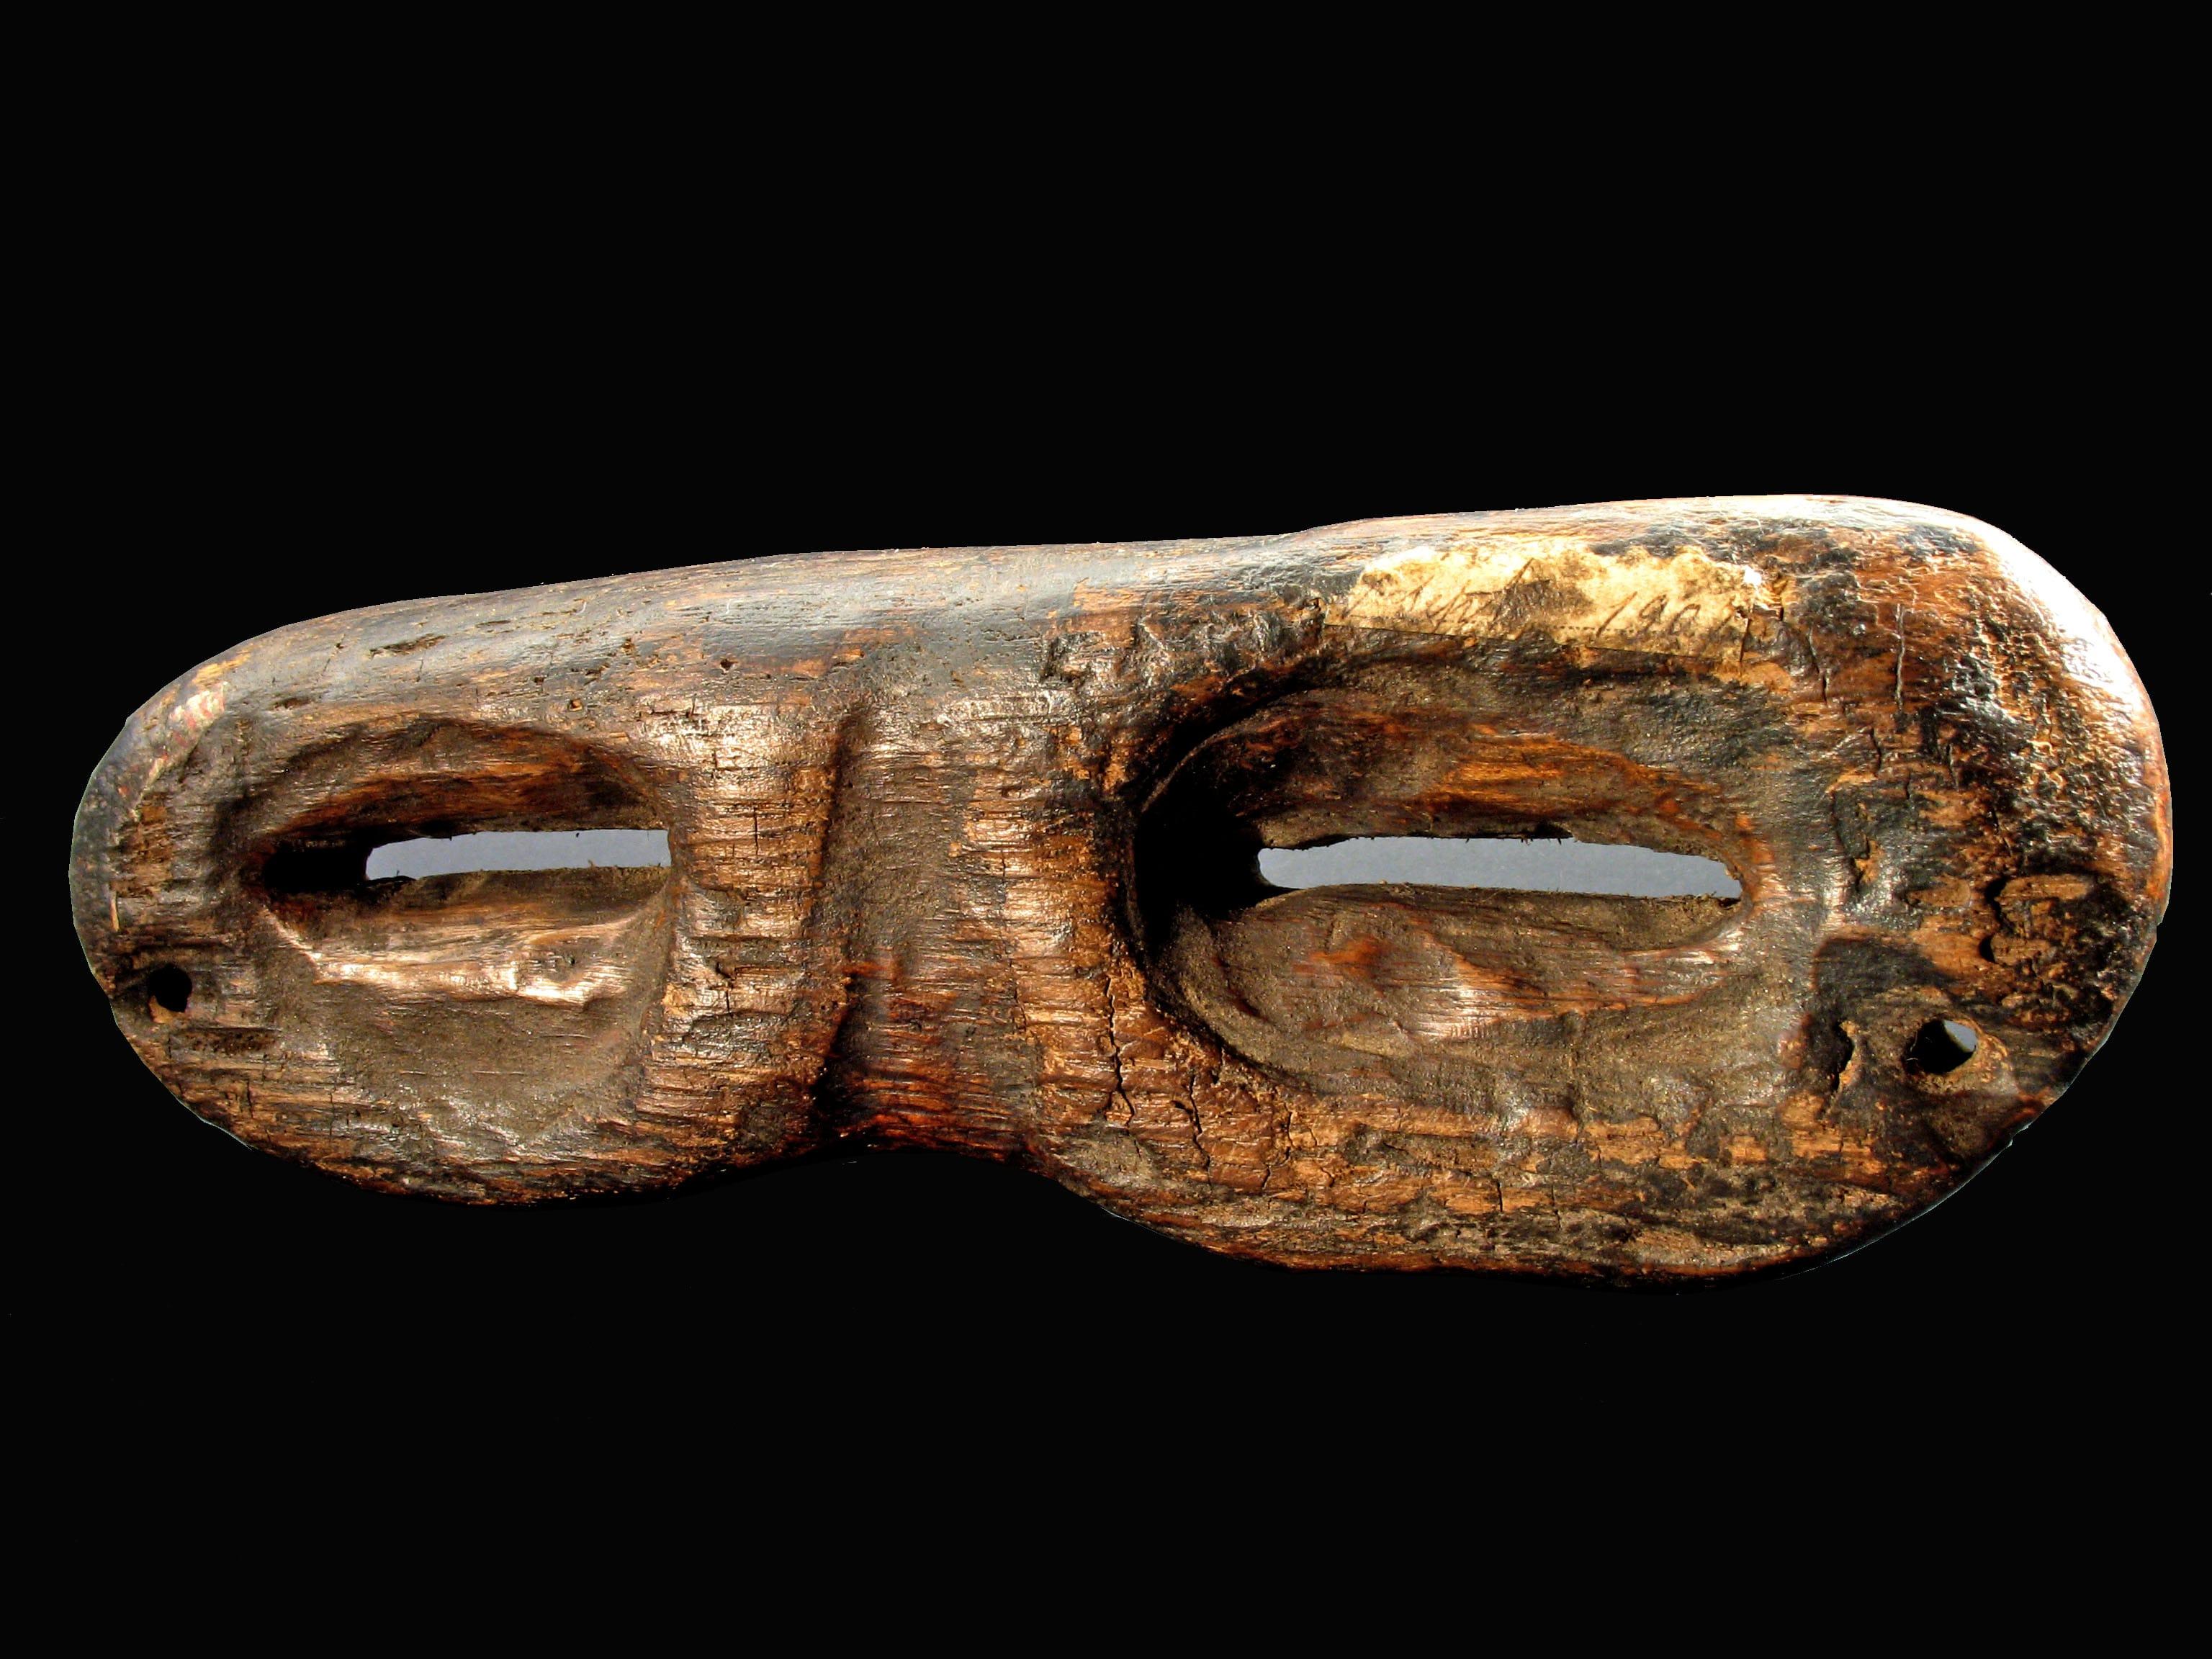 Eskimo Spectacles Image